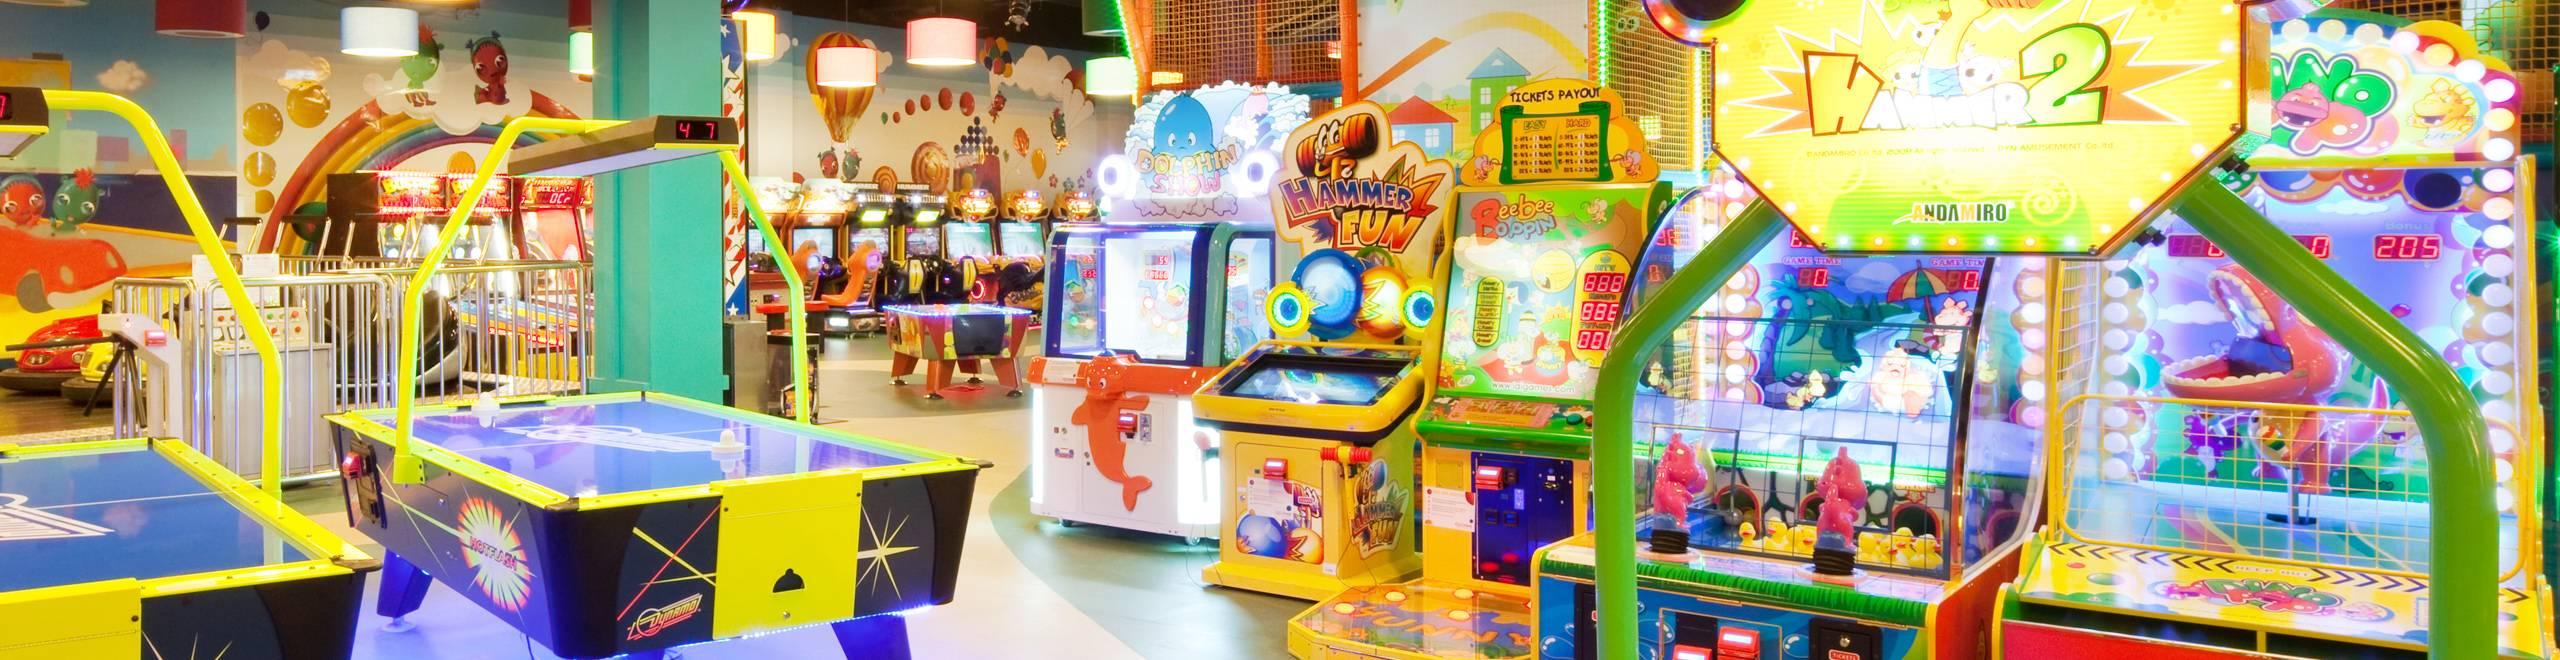 Администратор в игровые автоматы новосибирск вакансии мошенничество в интернетказино в руле